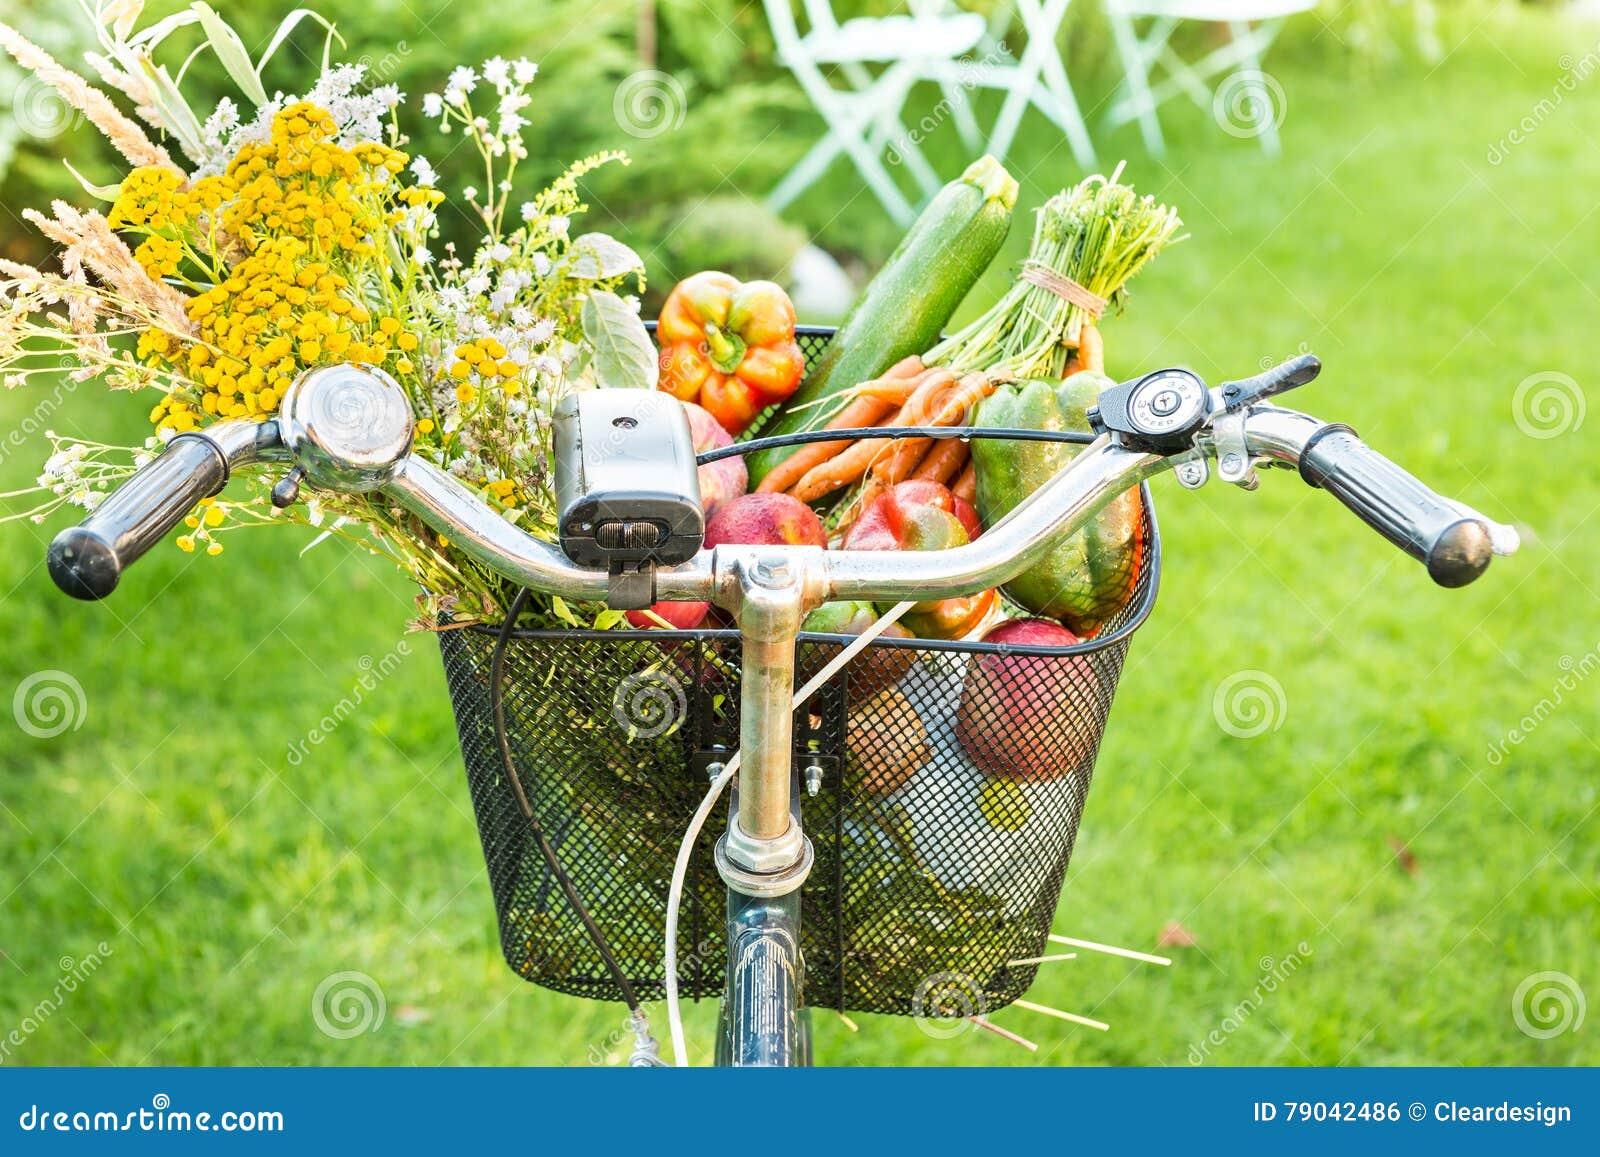 Rowerowy kosz wypełniający z świeżymi warzywami i kwiatami